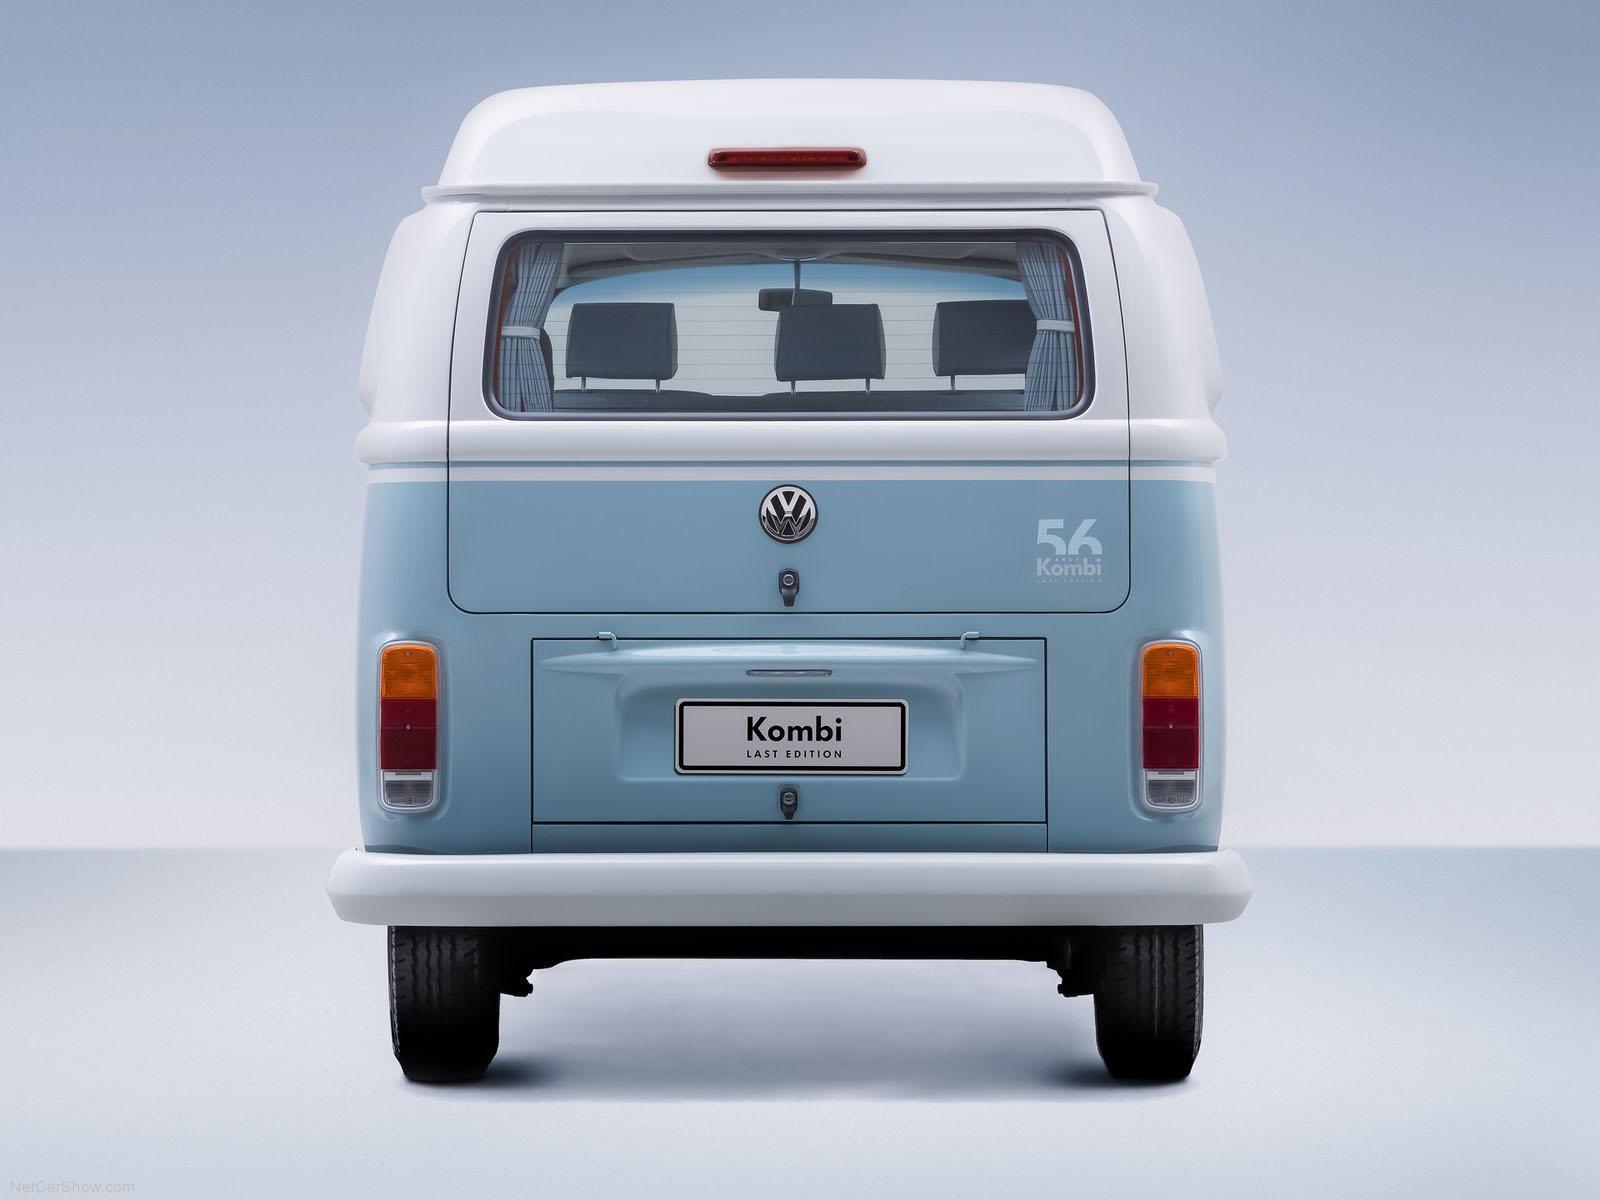 novo Volkswagen Kombi edição especial 2014 traseira